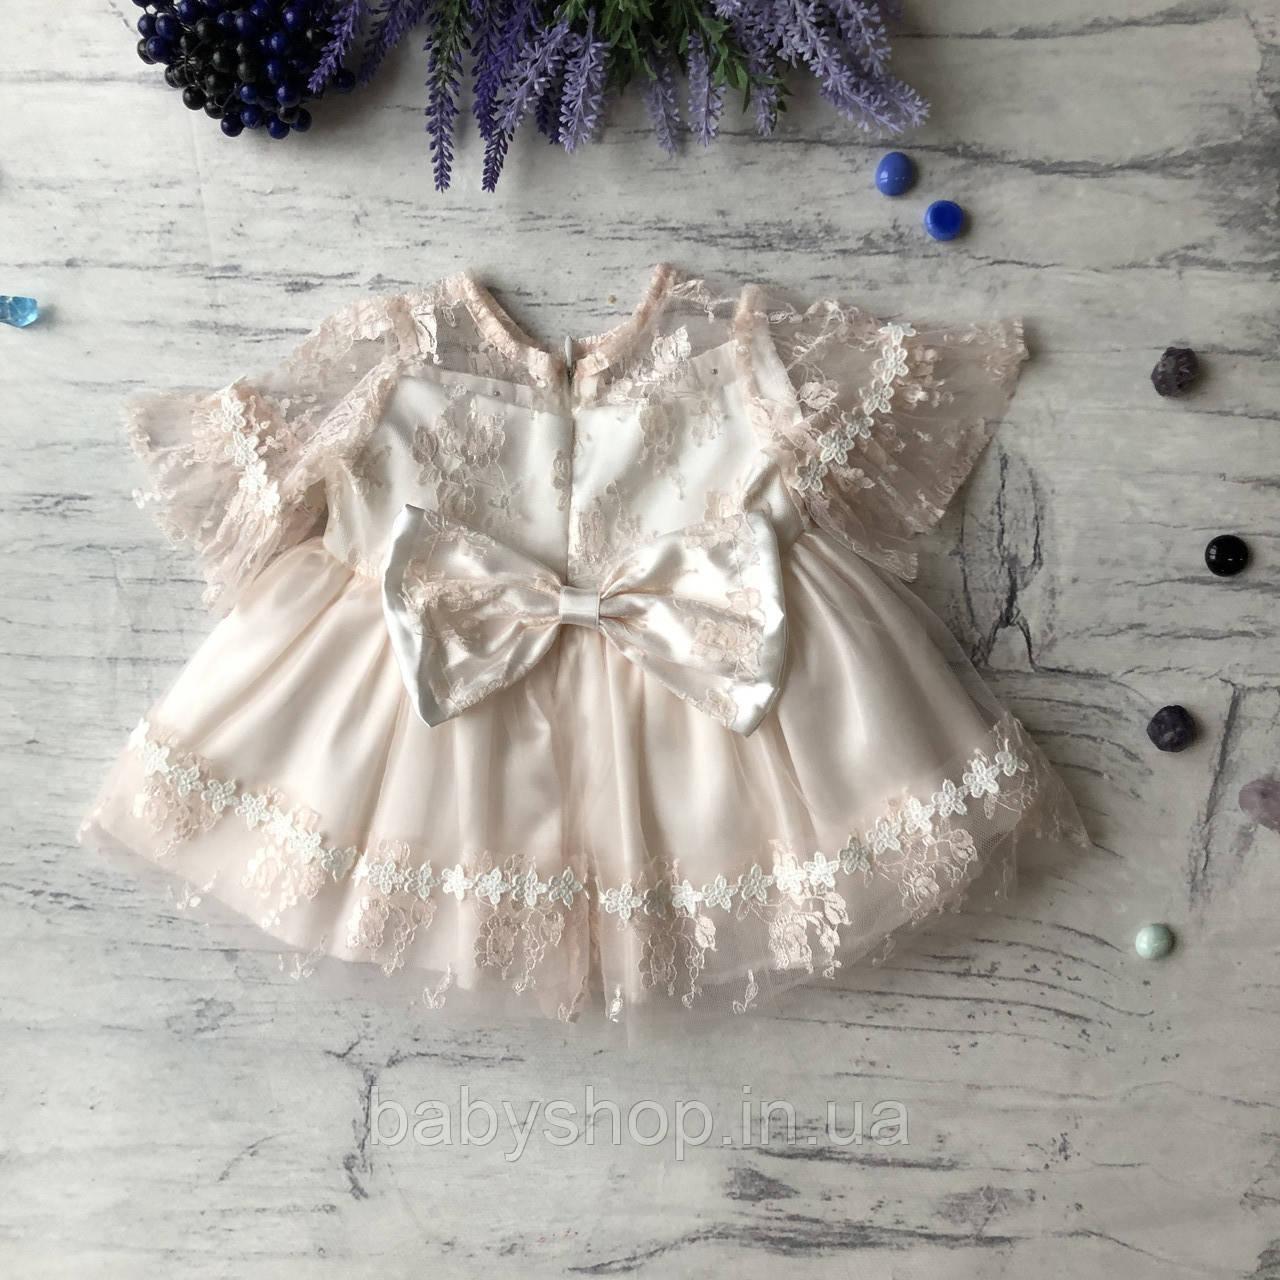 Нарядное  платье на девочку, крестильное платье на девочку 21. Размеры 68 см, 74 см, 80 см